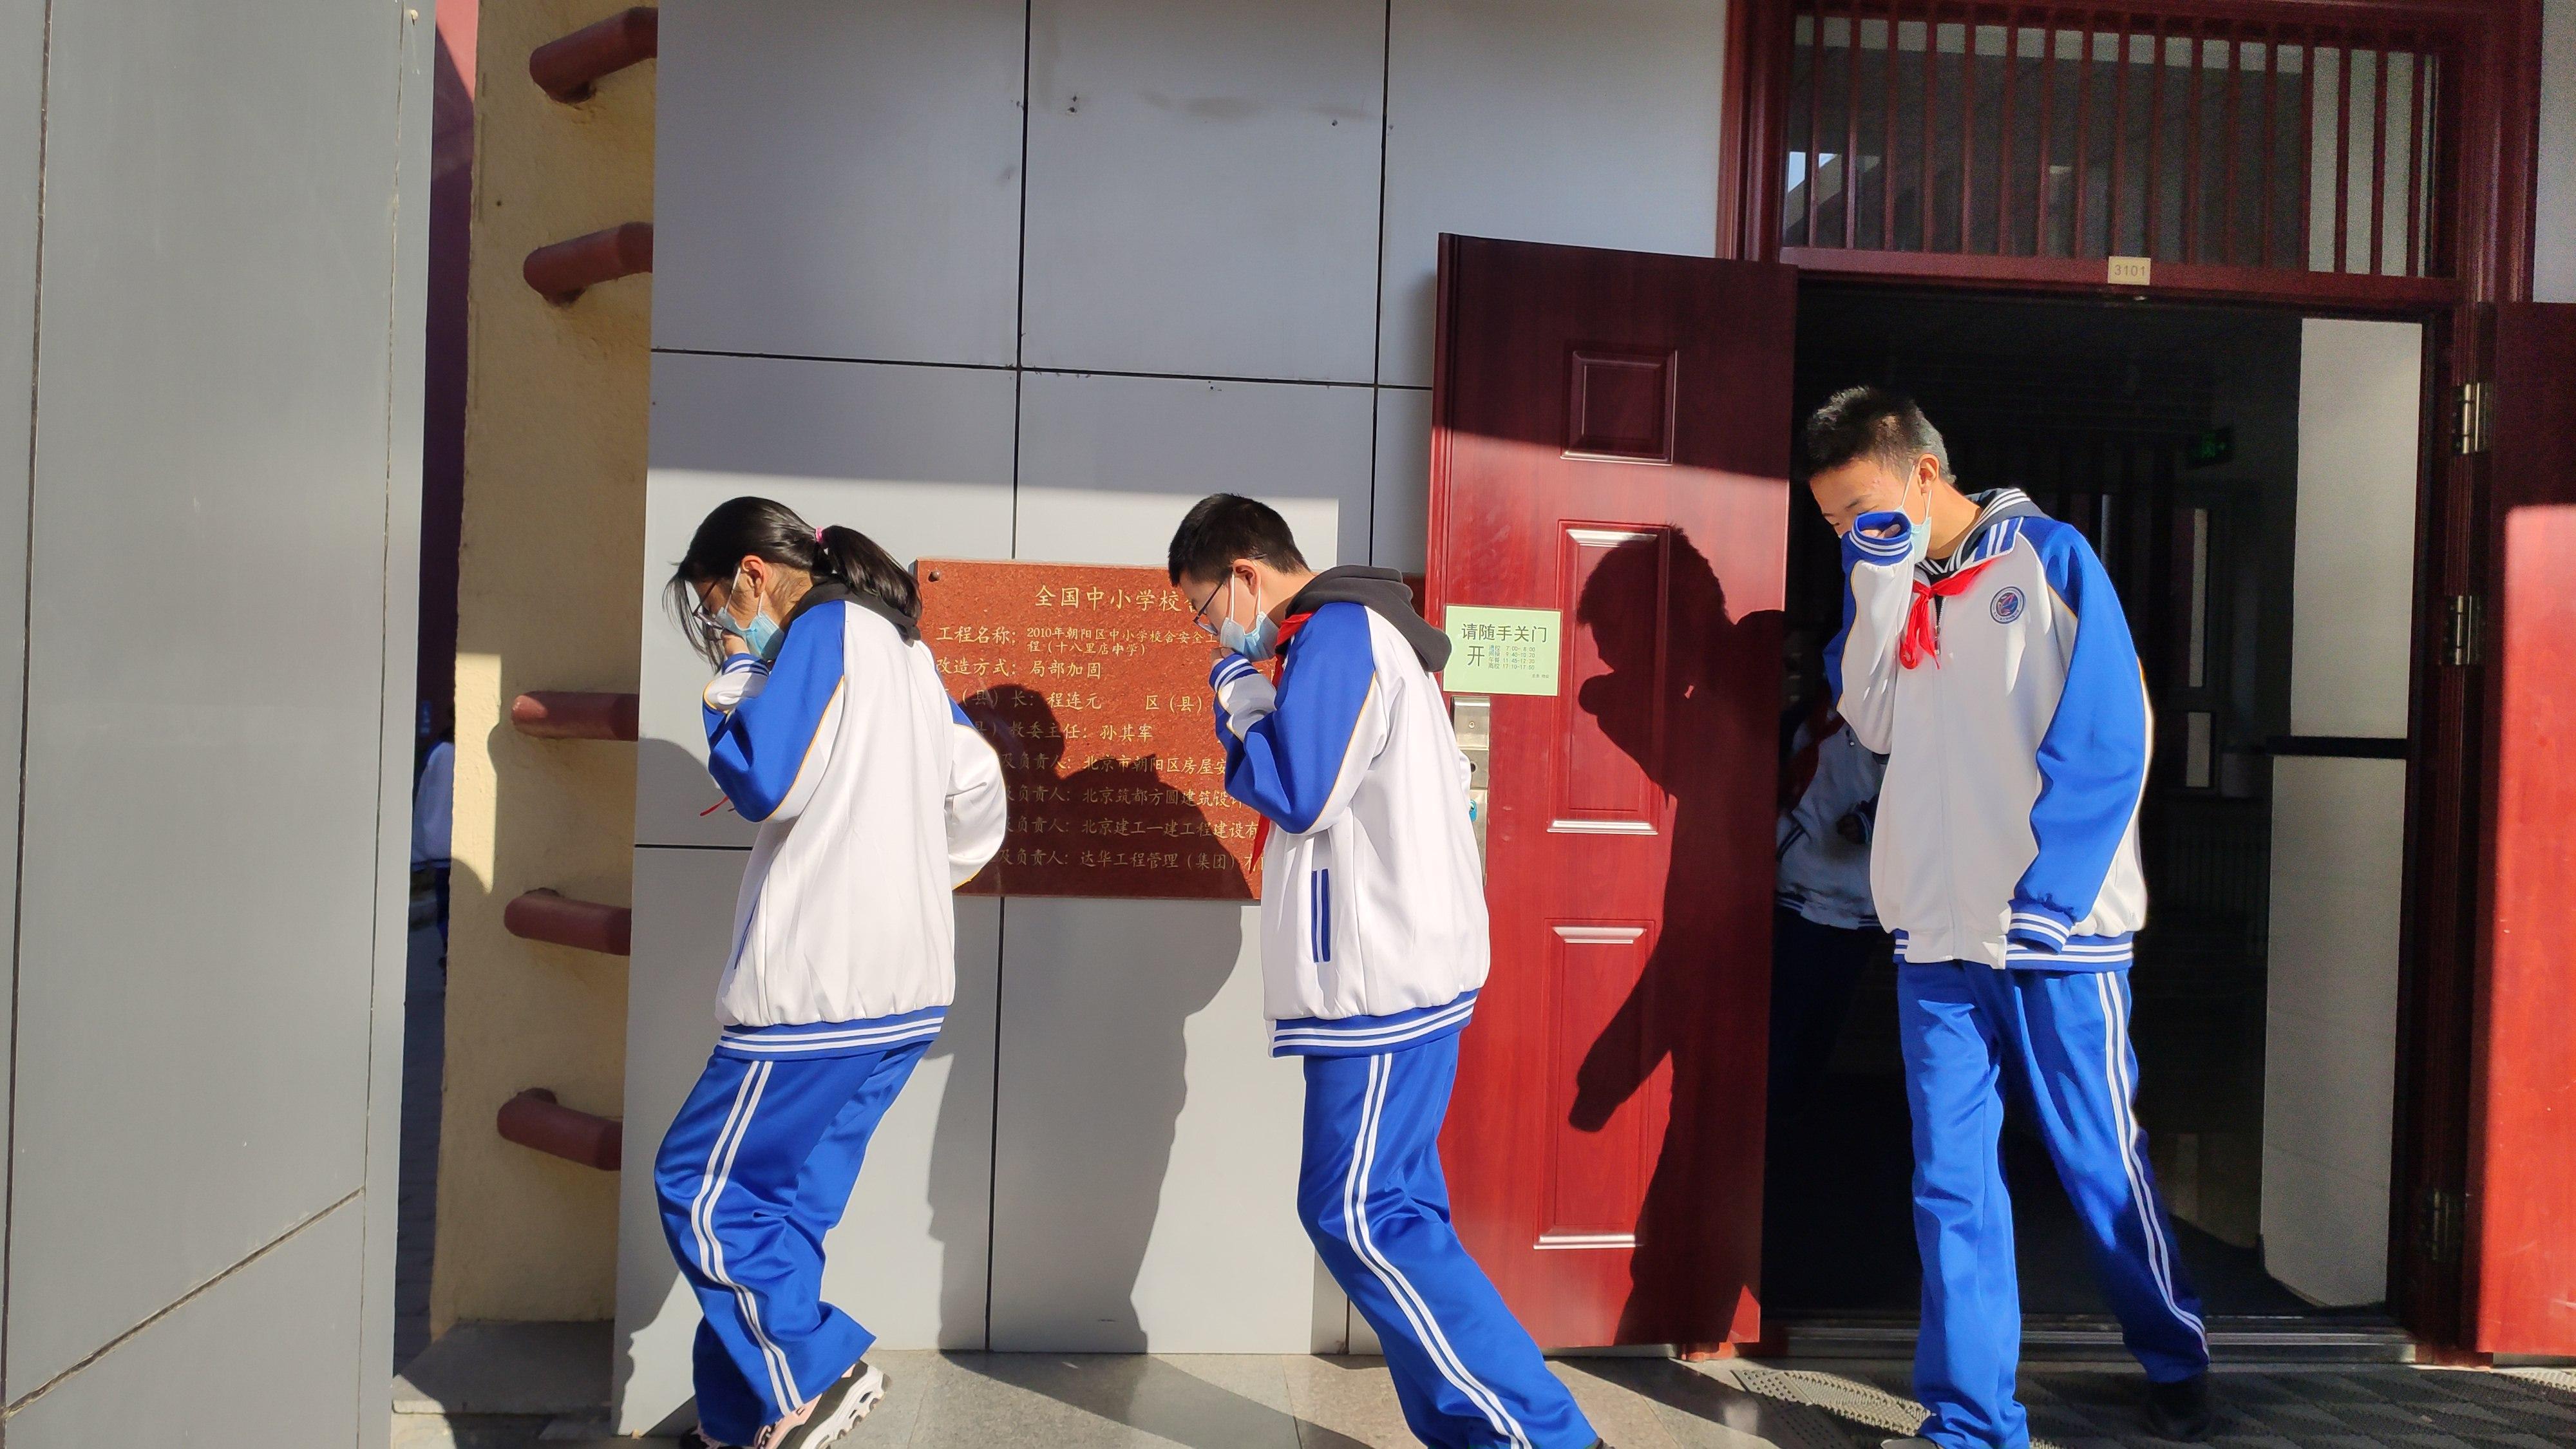 学生疏散出教学楼.jpg